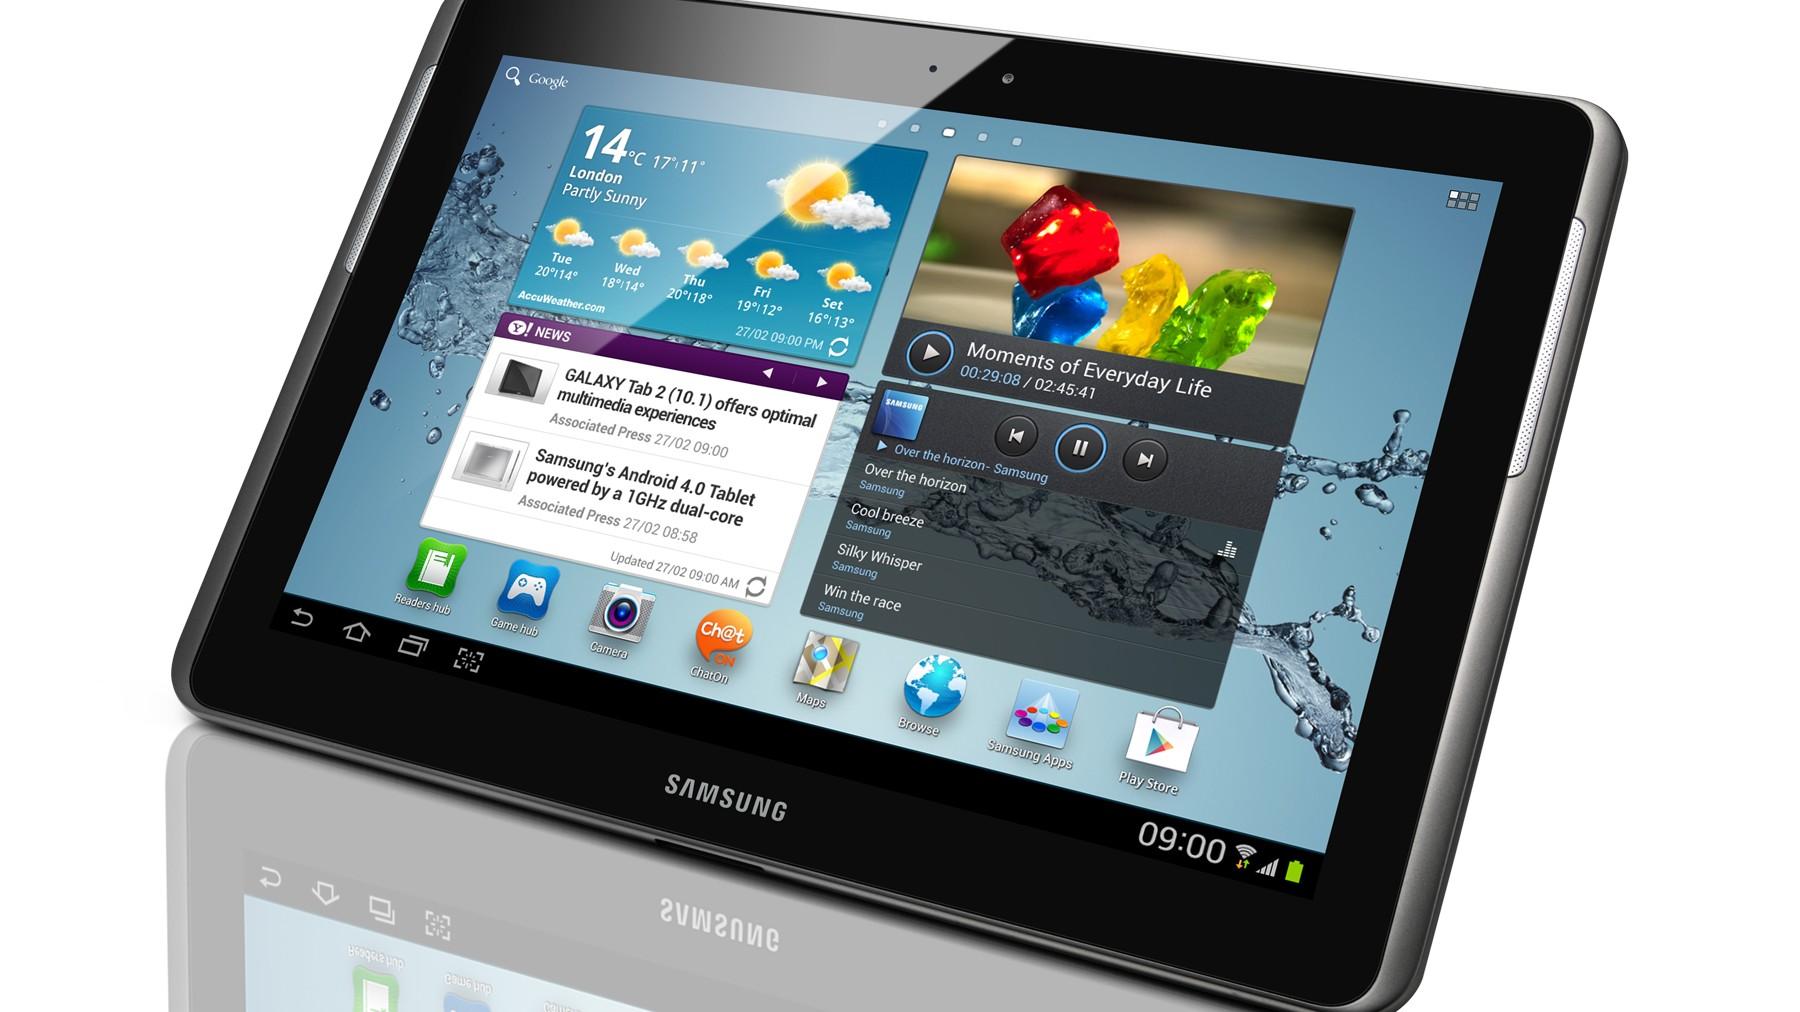 Recenze tabletu: Samsung Galaxy Tab 2 (10.1)